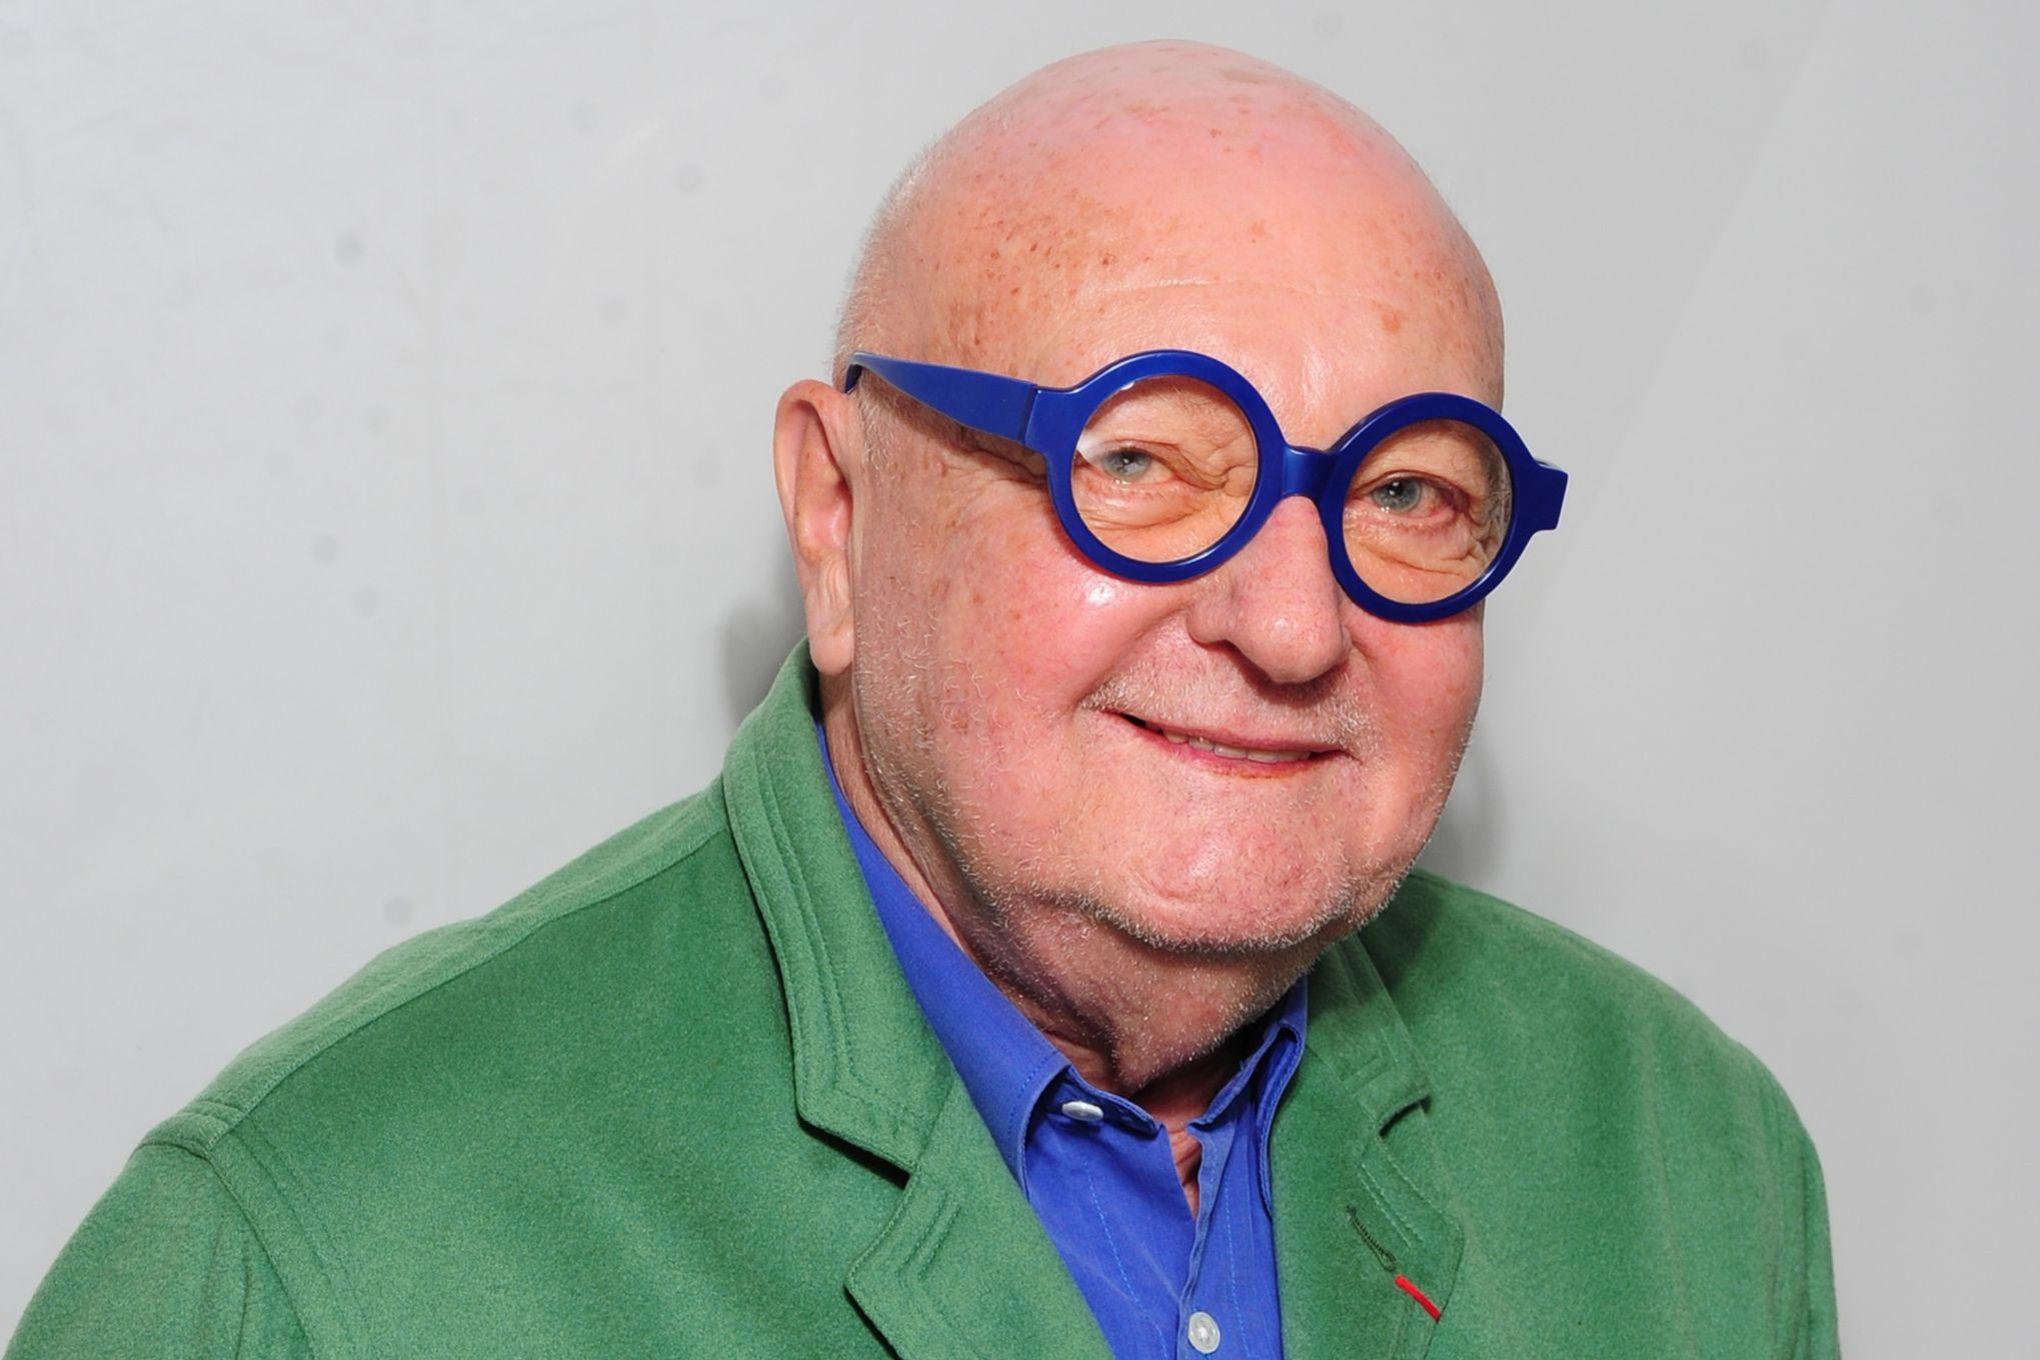 2c1a9054dc Mode homme: comment bien choisir ses lunettes?